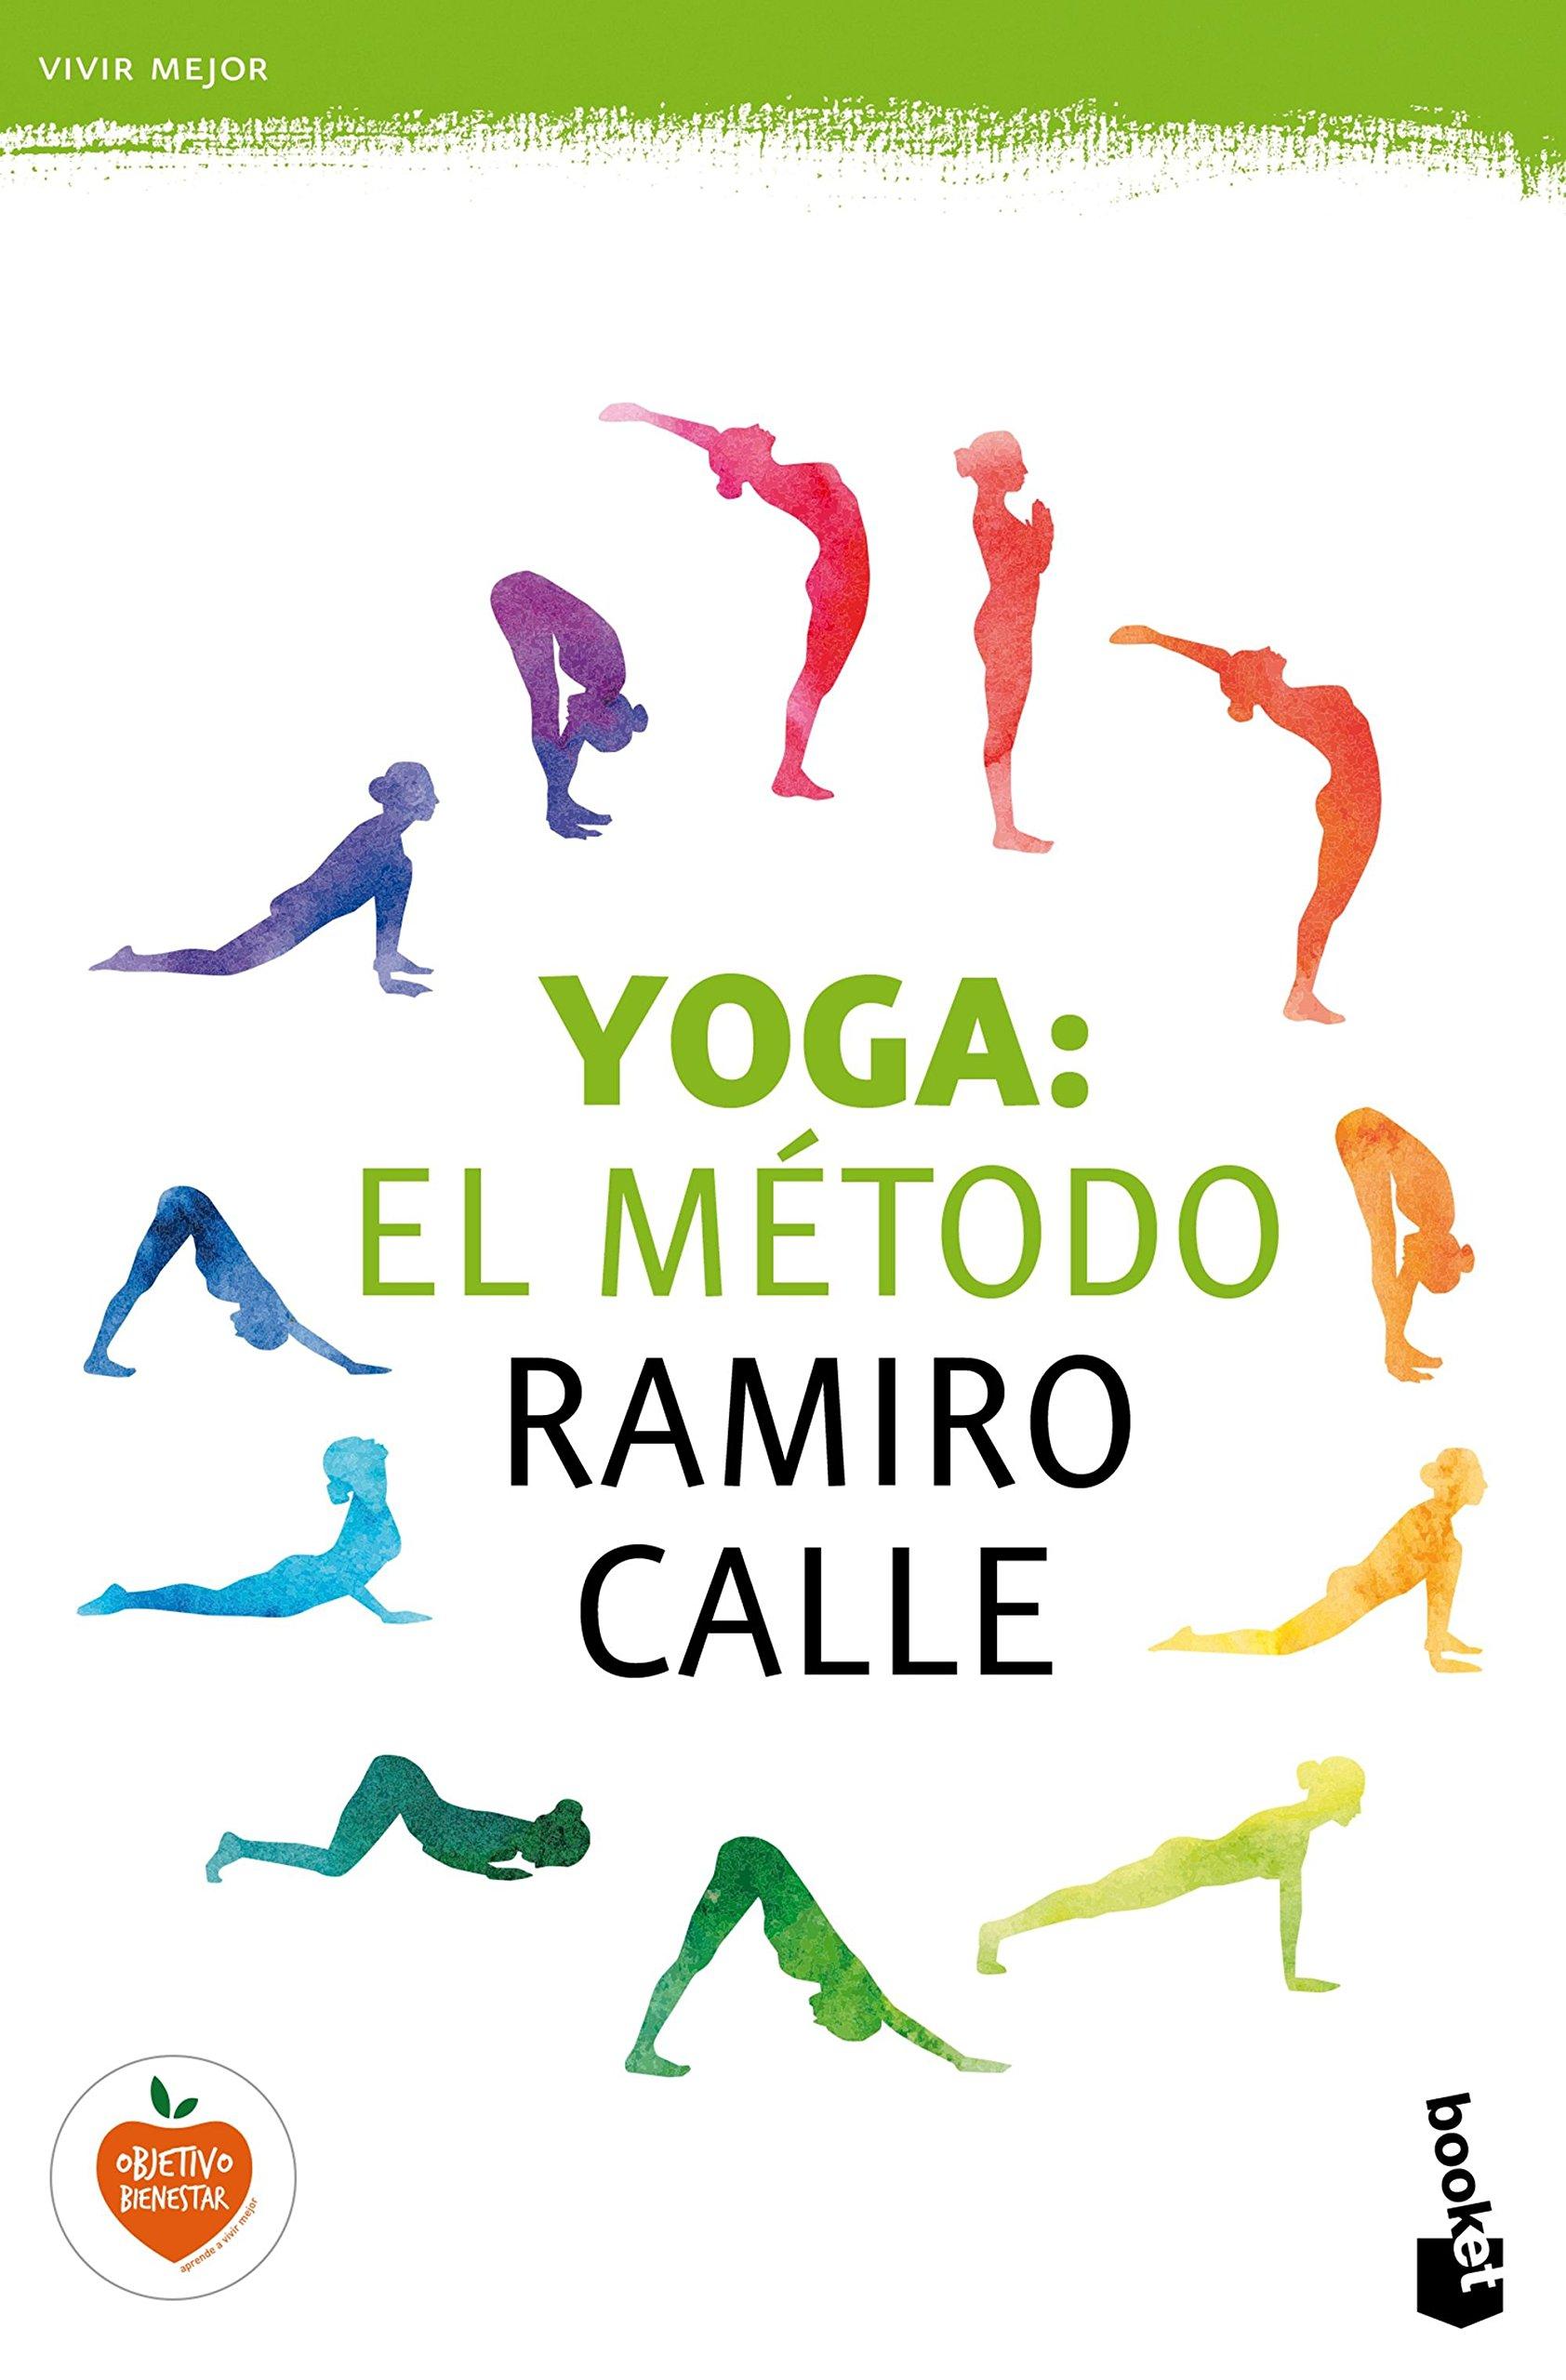 Yoga: el método Ramiro Calle (Vivir Mejor): Ramiro A. Calle ...